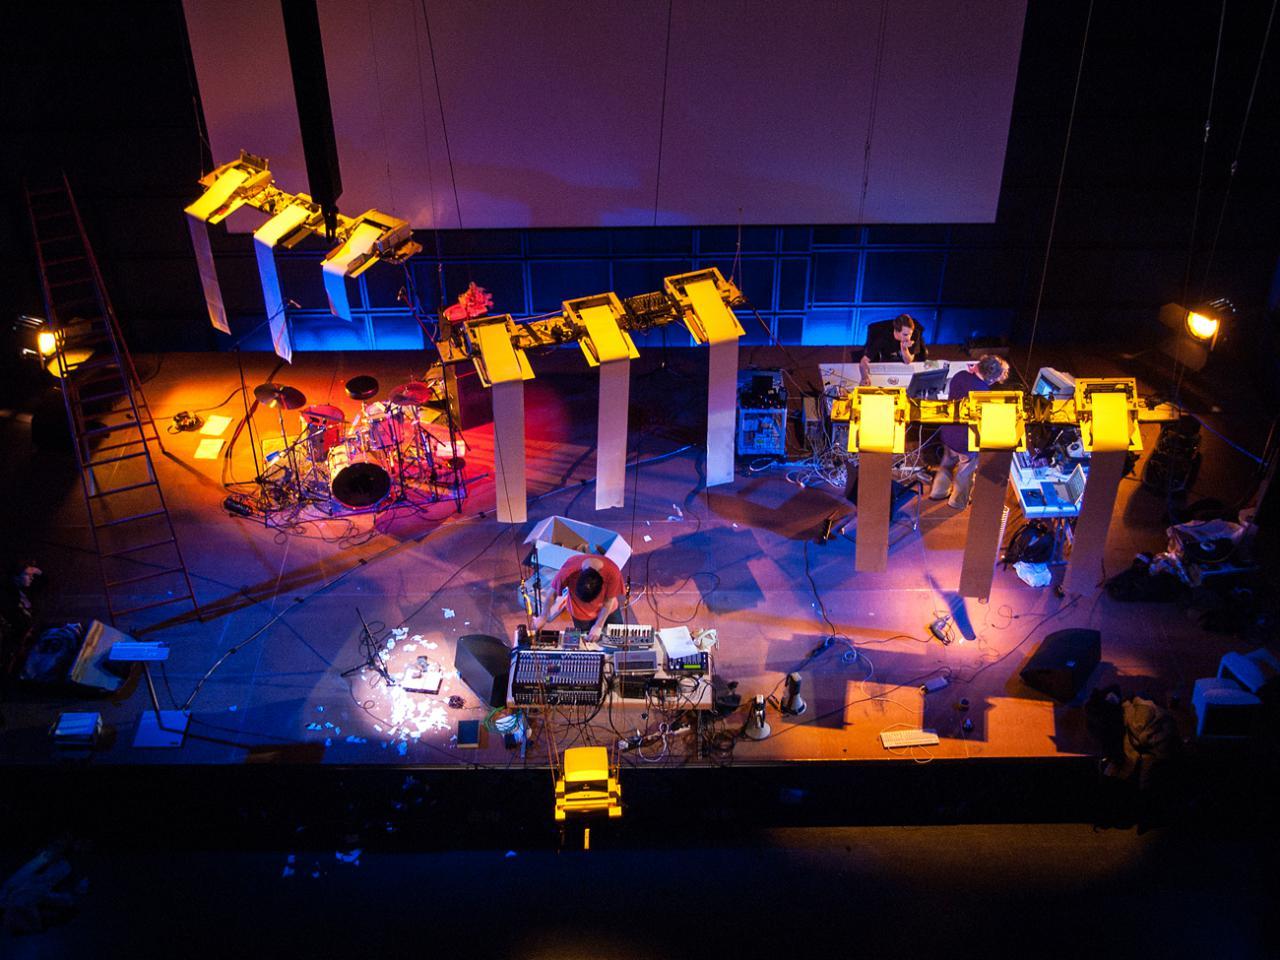 Konzert im ZKM_Medientheater